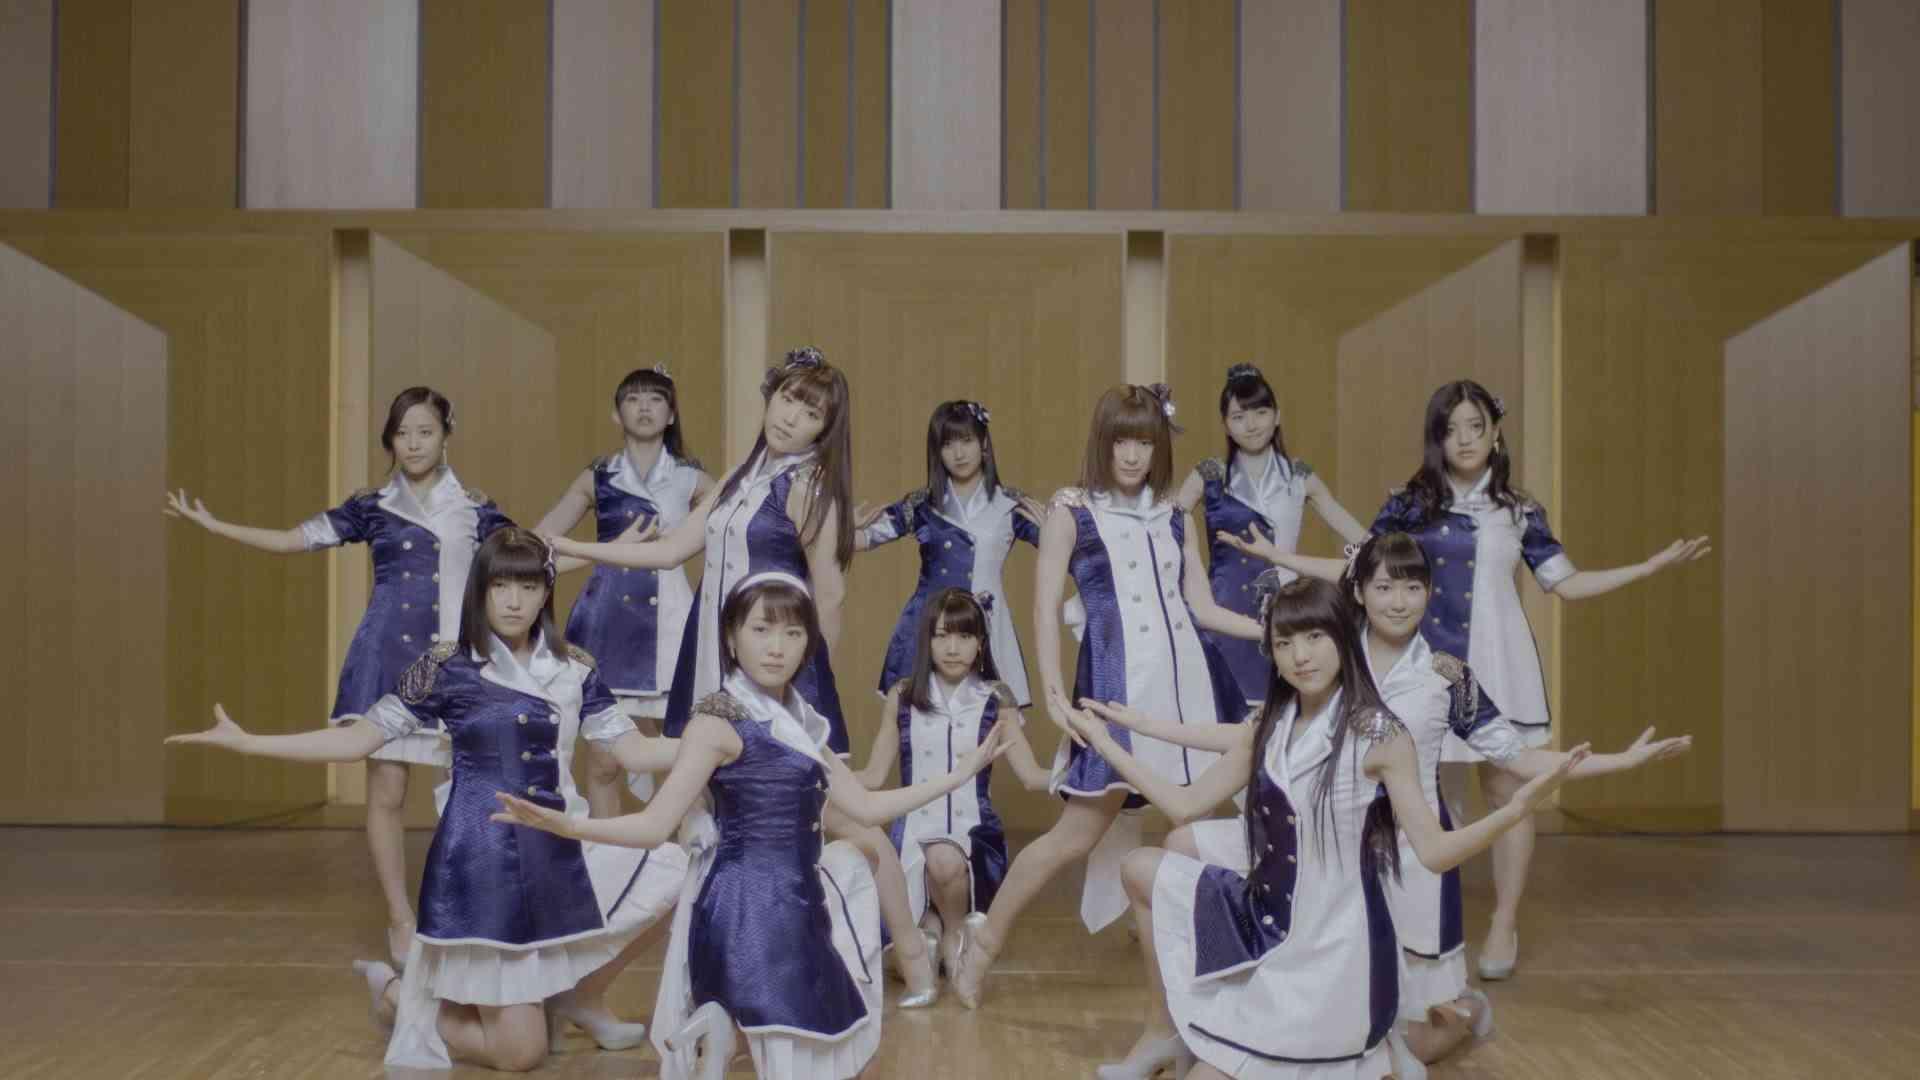 モーニング娘。'16『The Vision』(Morning Musume。'16[The Vision]) (Promotion Edit) - YouTube